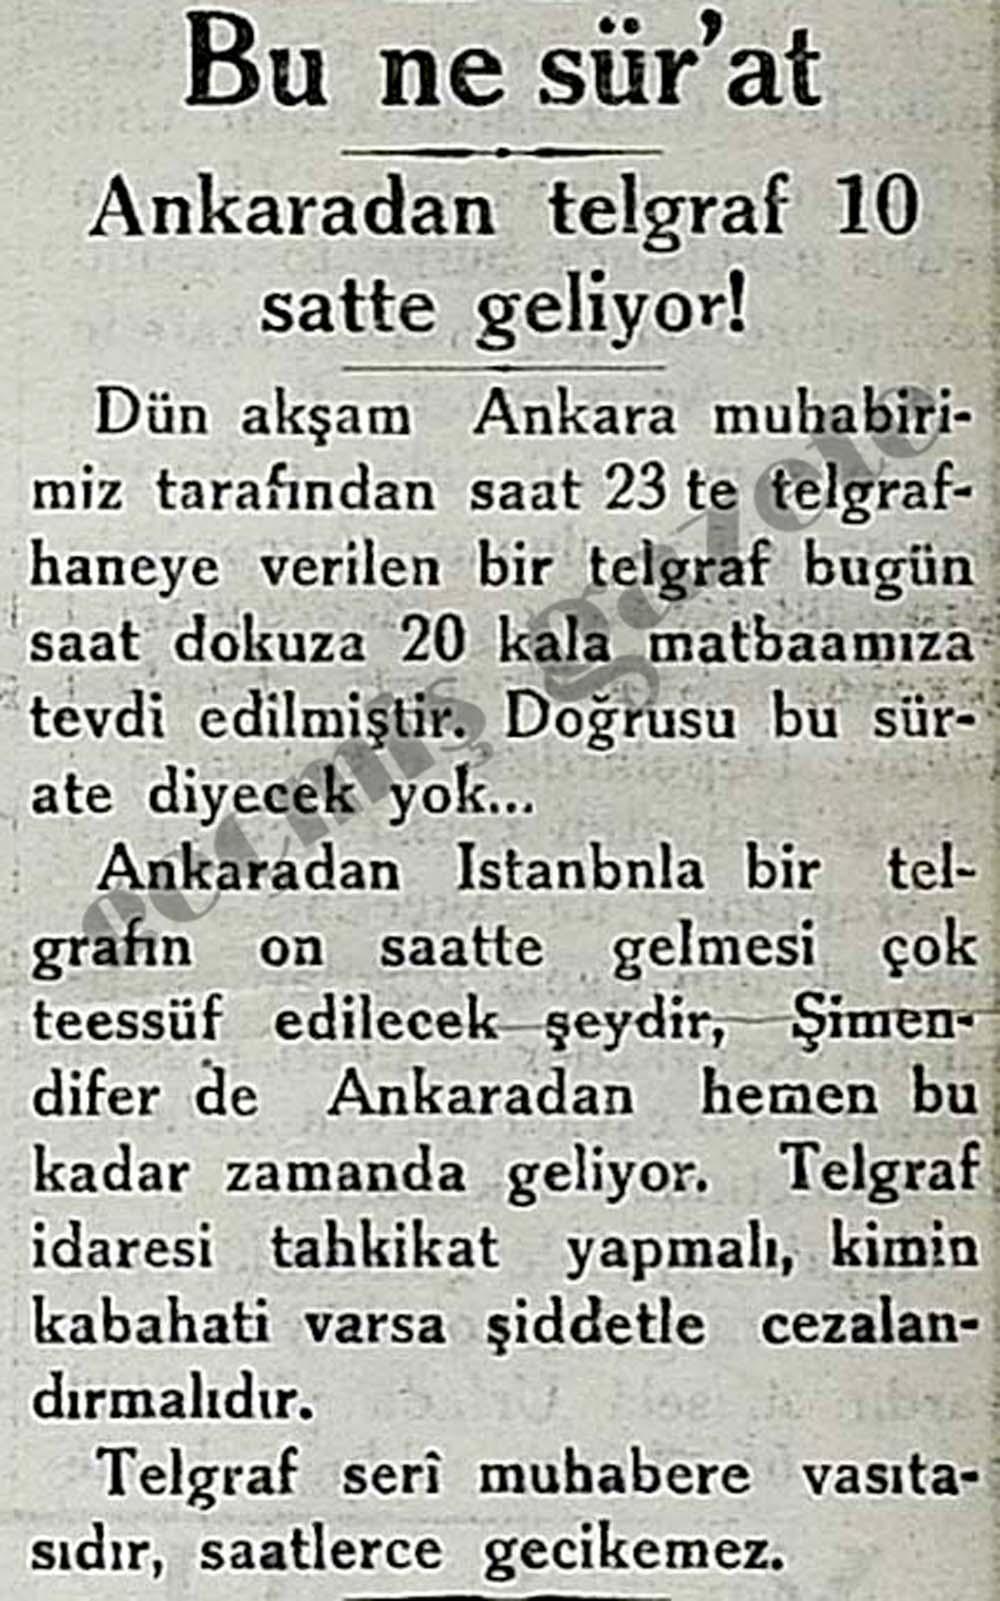 Ankaradan telgraf 10 satte geliyor!